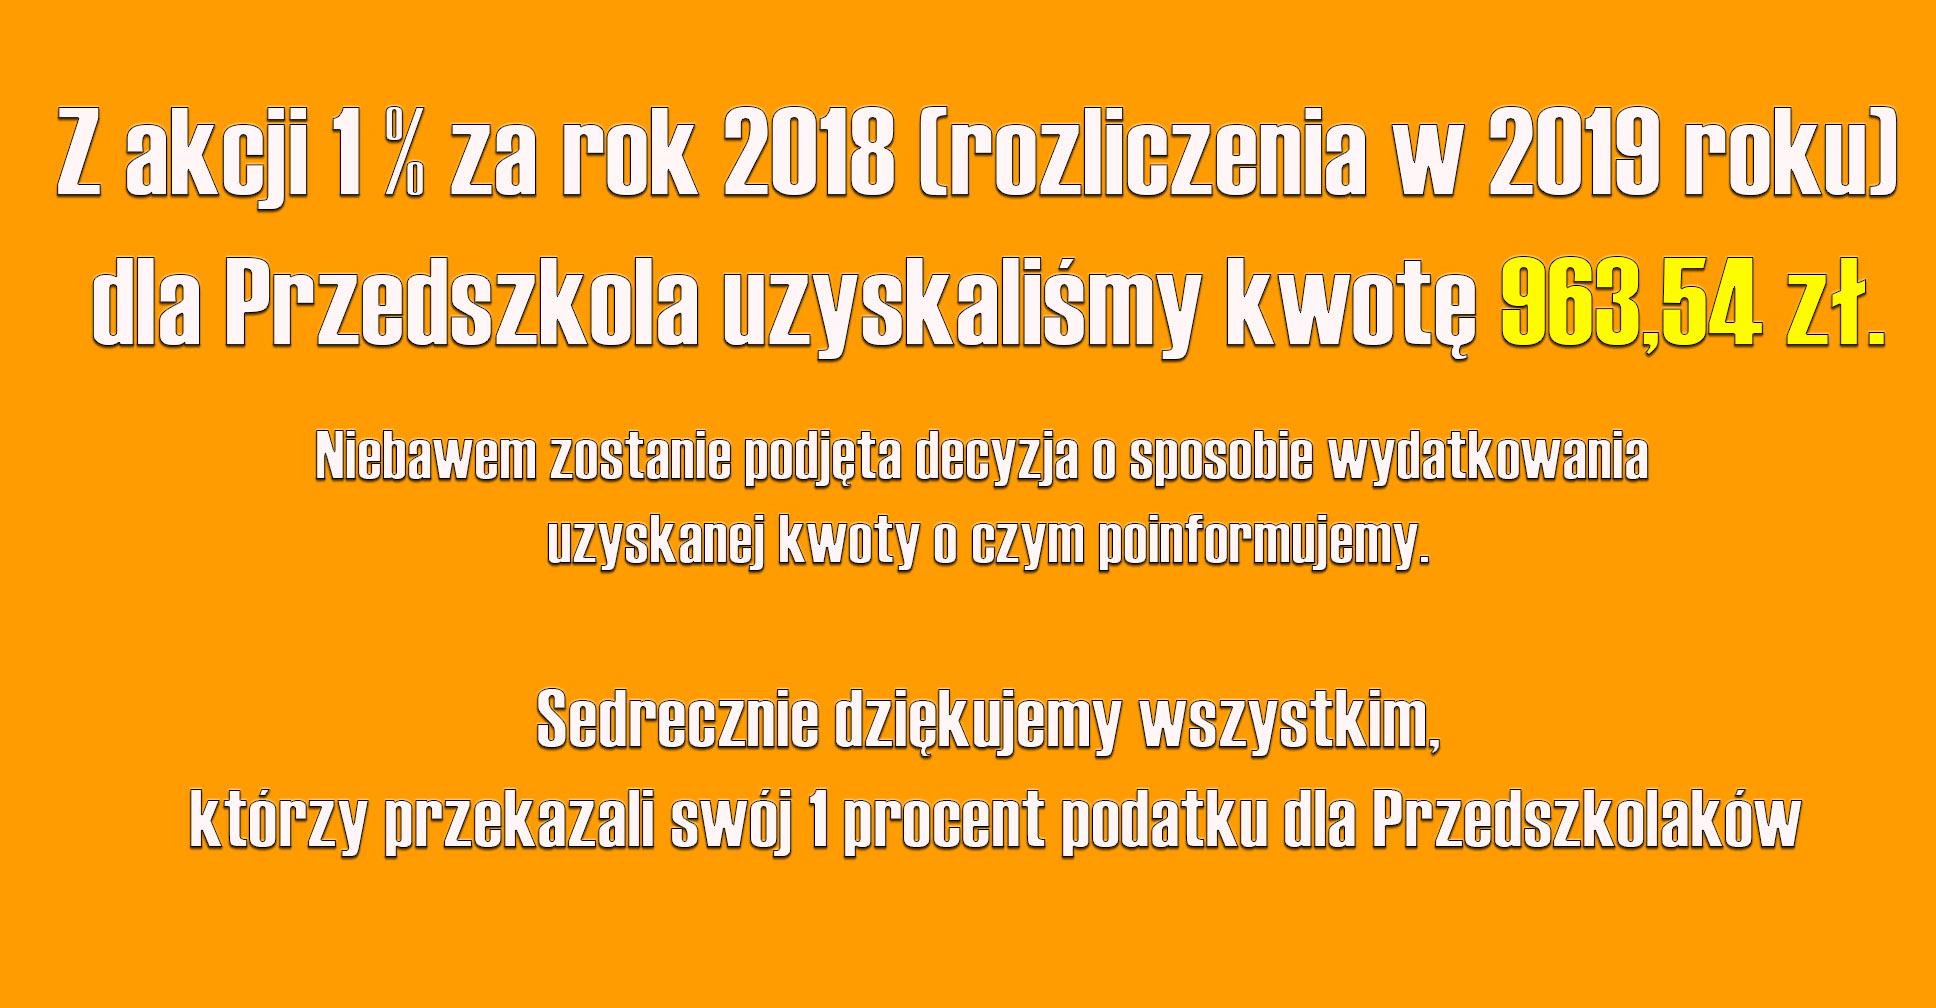 1 procent za rok 2018